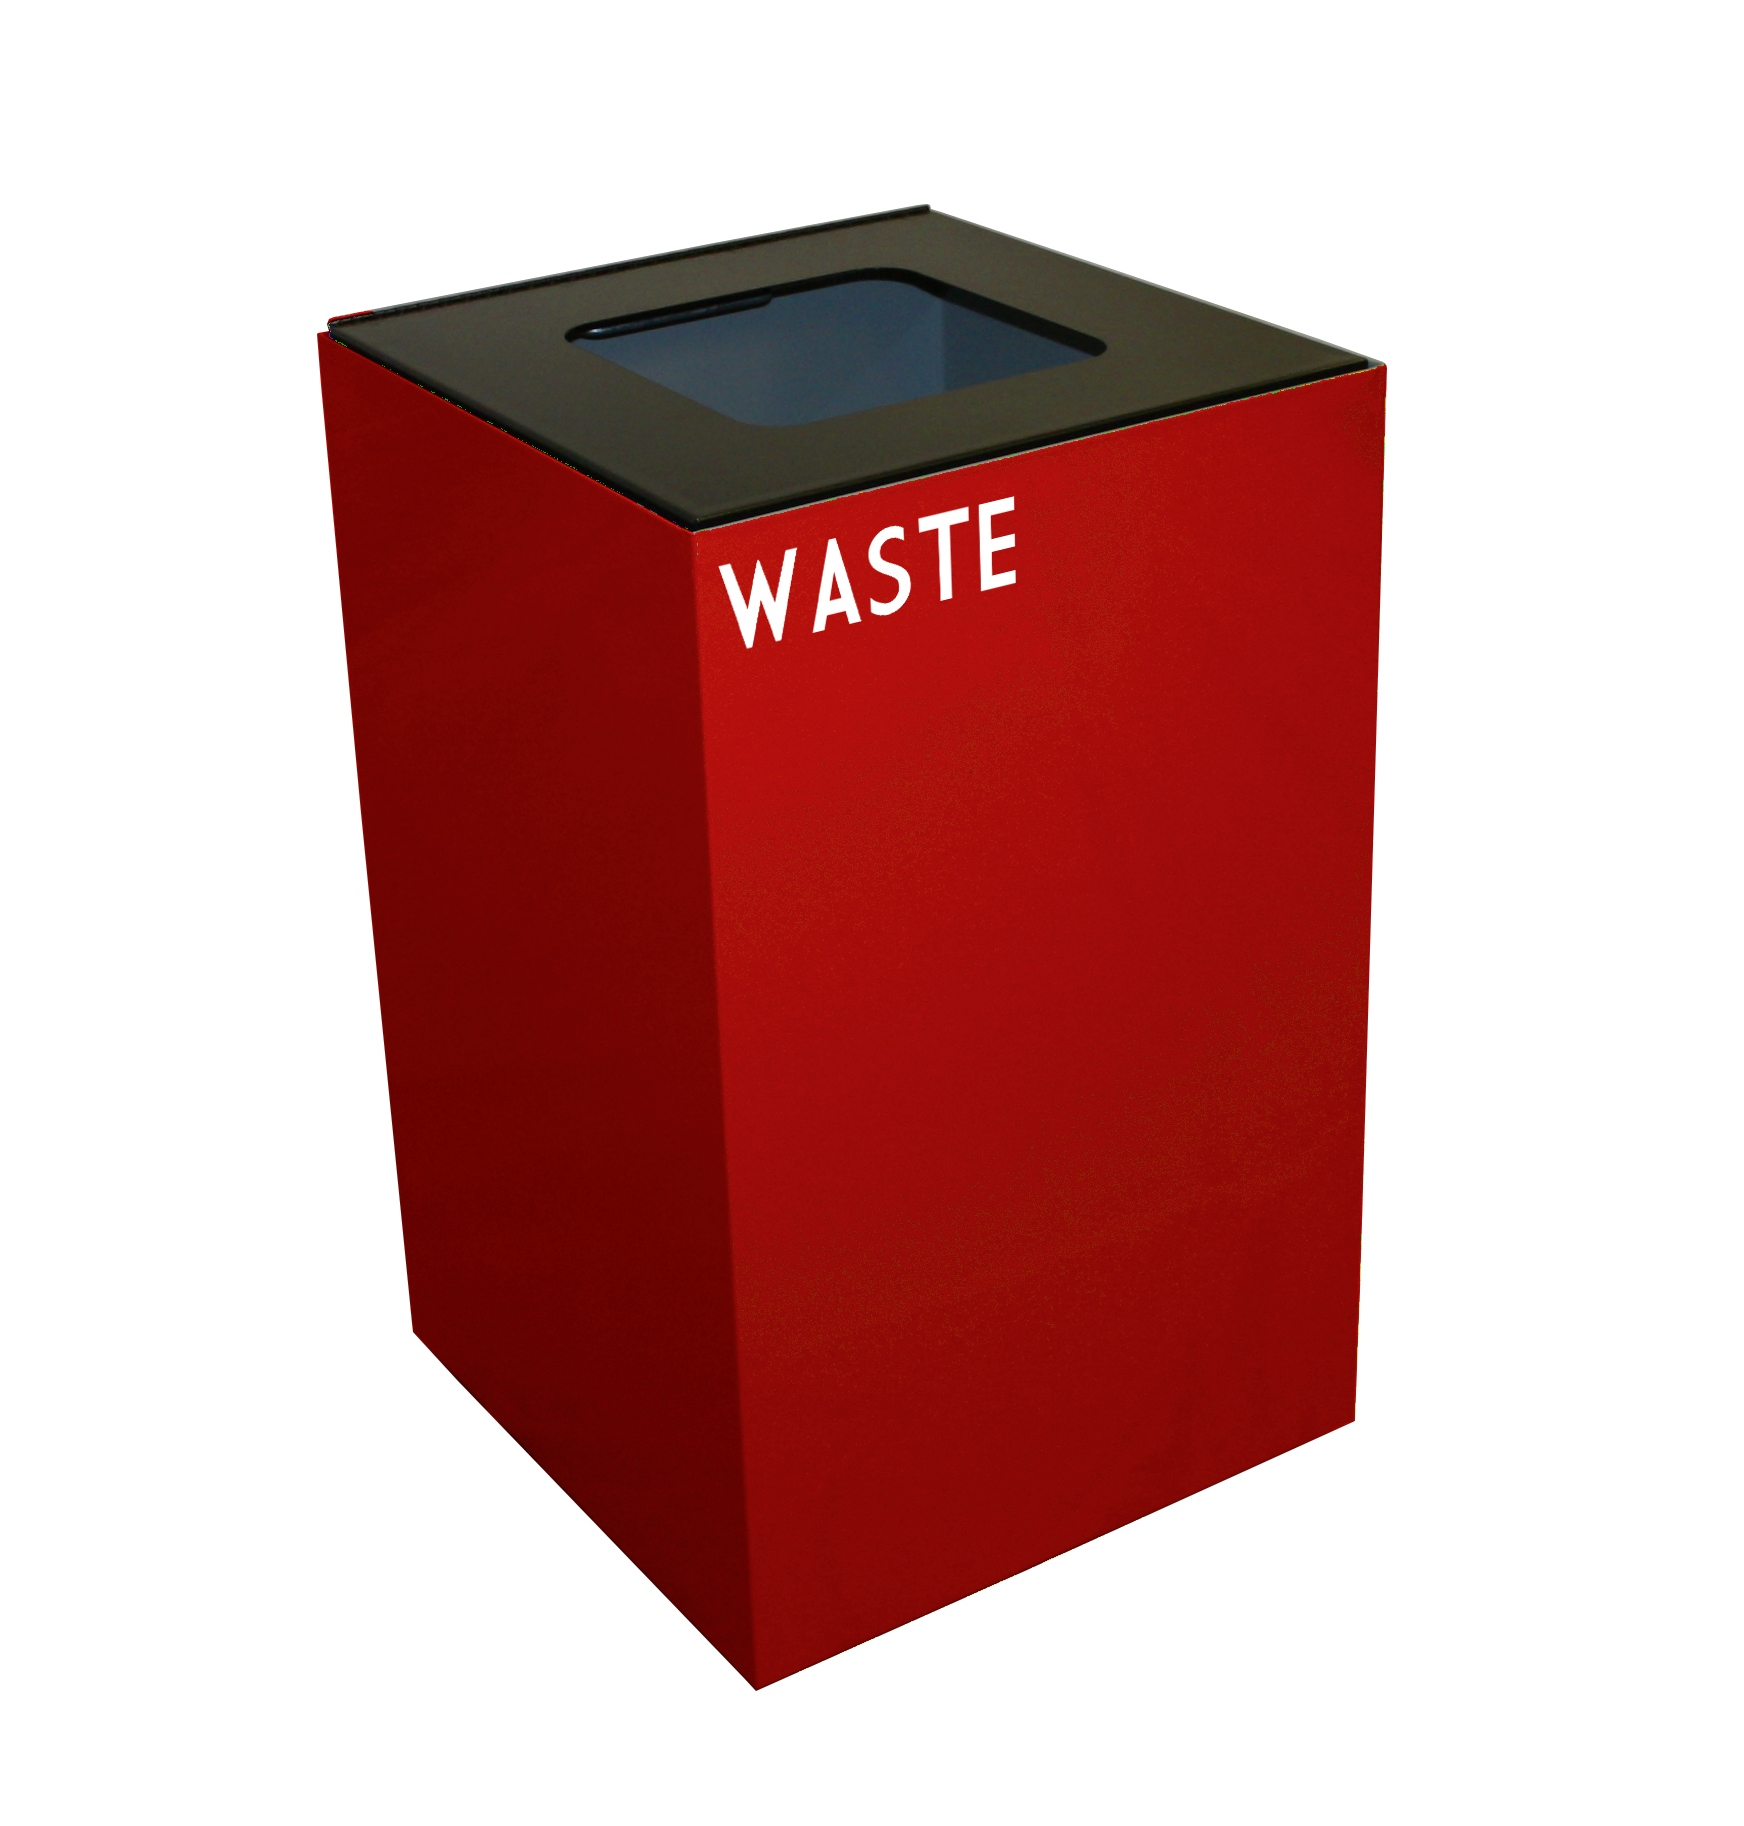 Recyclage des conteneurs SCARLET  set de 1